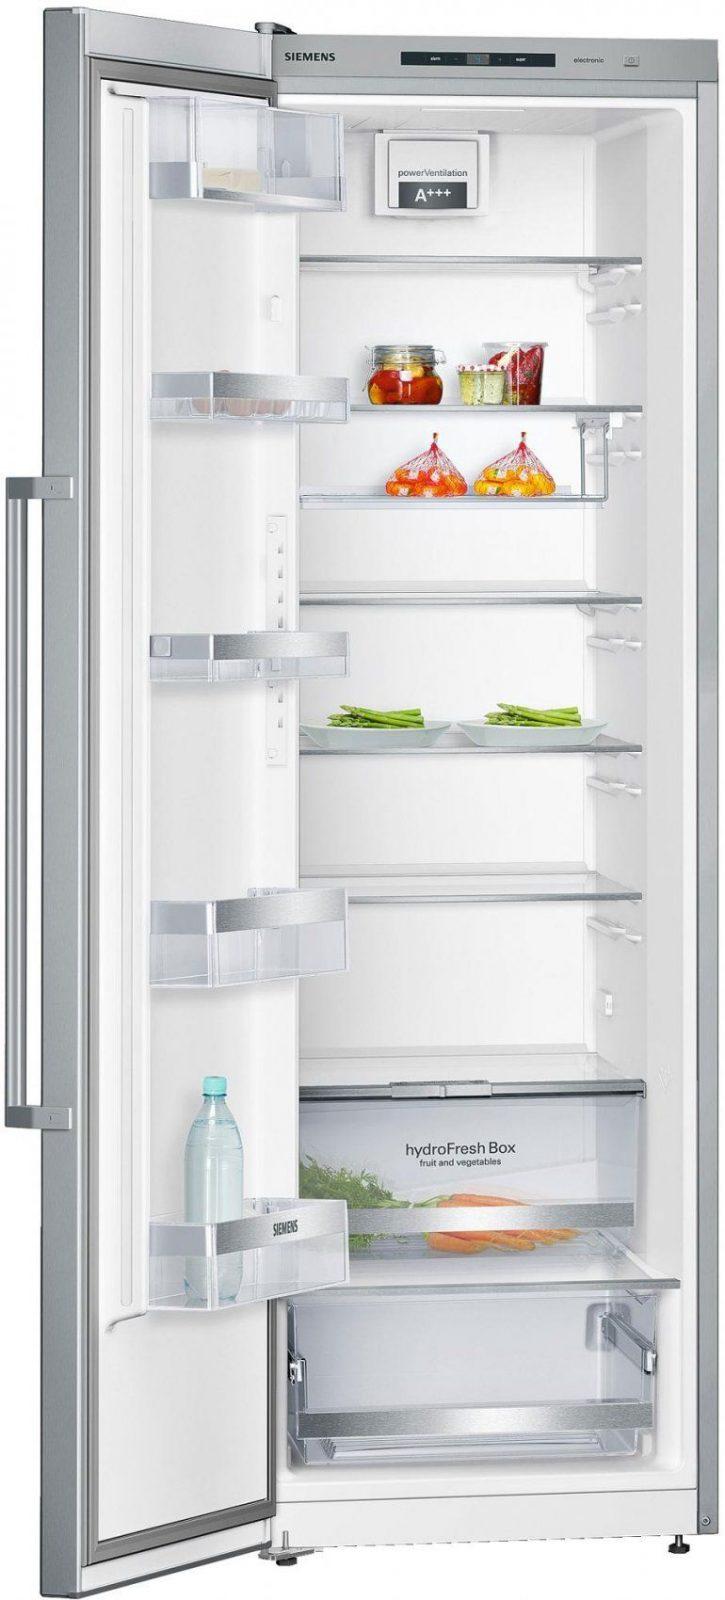 Siemens Ks36Vai41 A+++ Kühlschrank Türen Edelstahl 60 Cm Breit von Kühlkombination 50 Cm Breit Bild